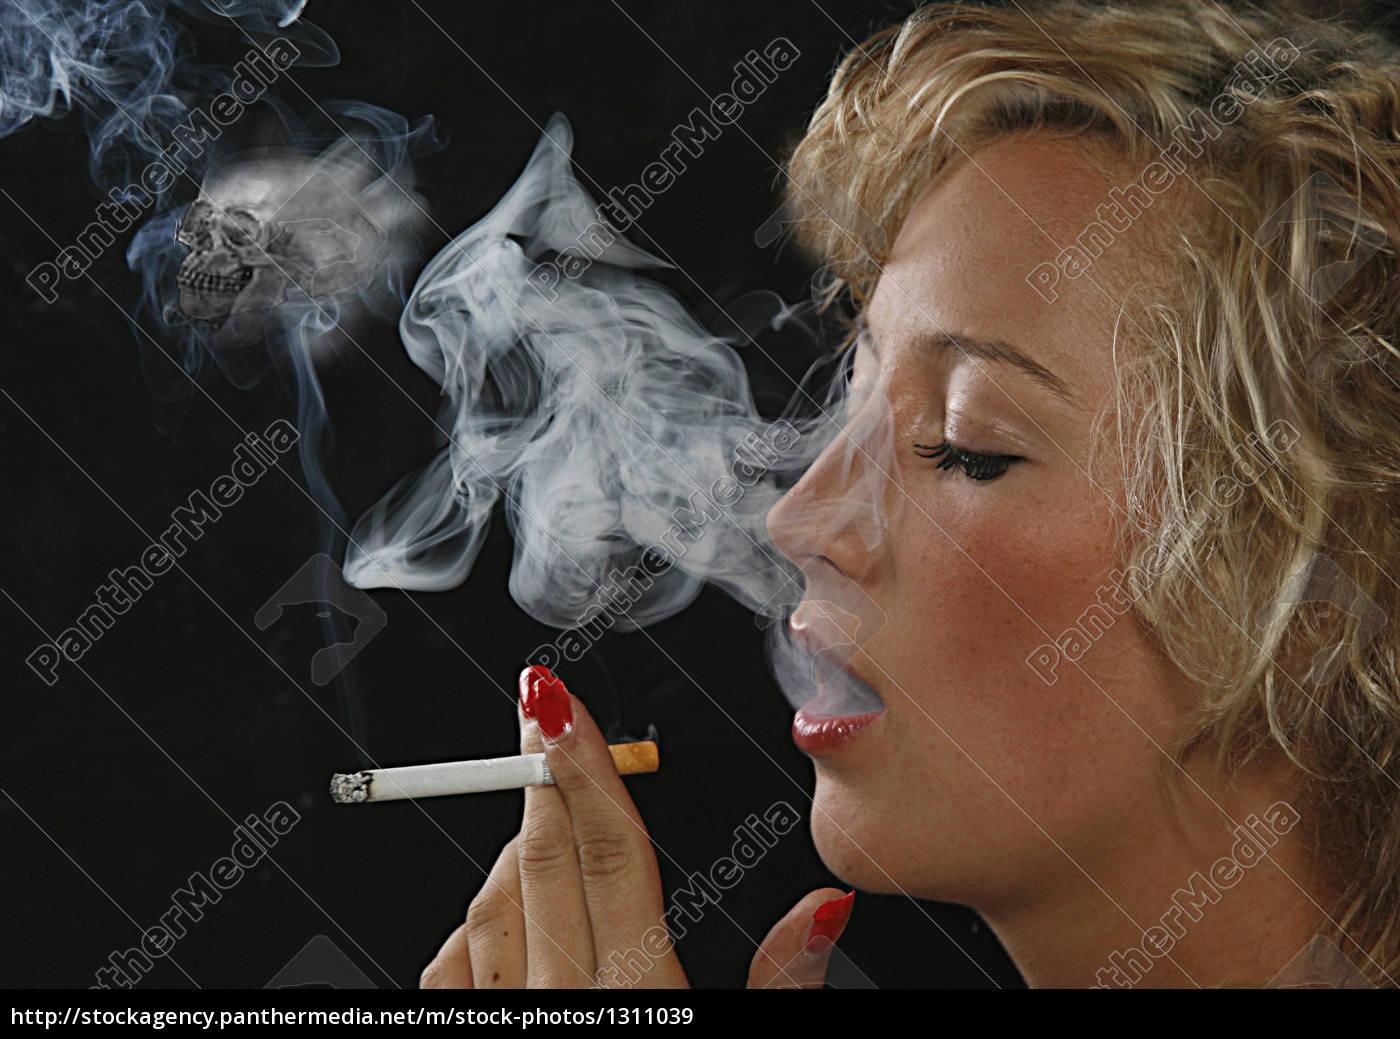 young, girl, smoking - 1311039